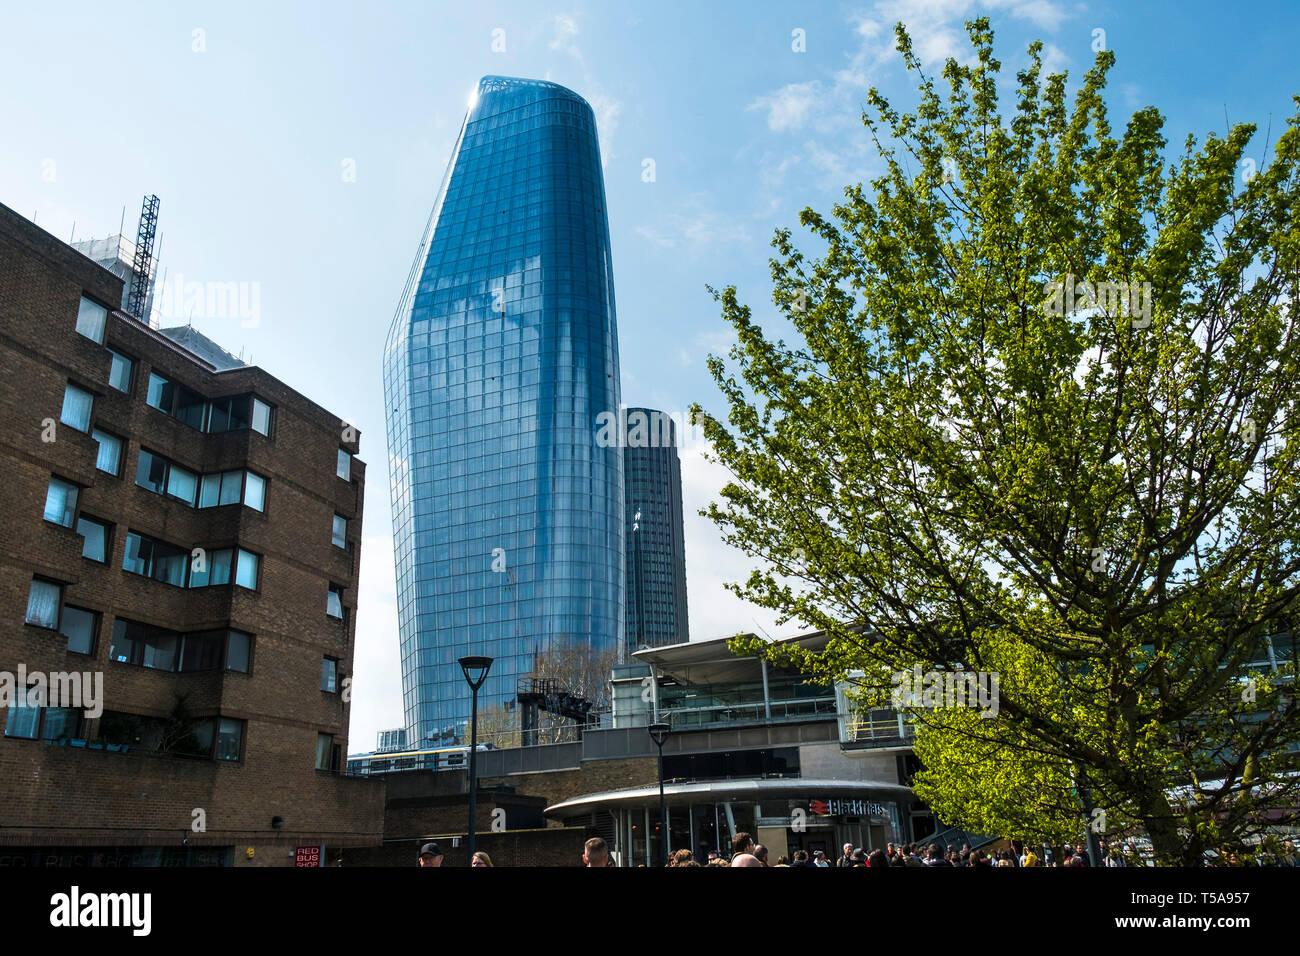 Eine Blackfriars eine ikonische hohes Gebäude wie die Vase in London bekannt. Stockbild